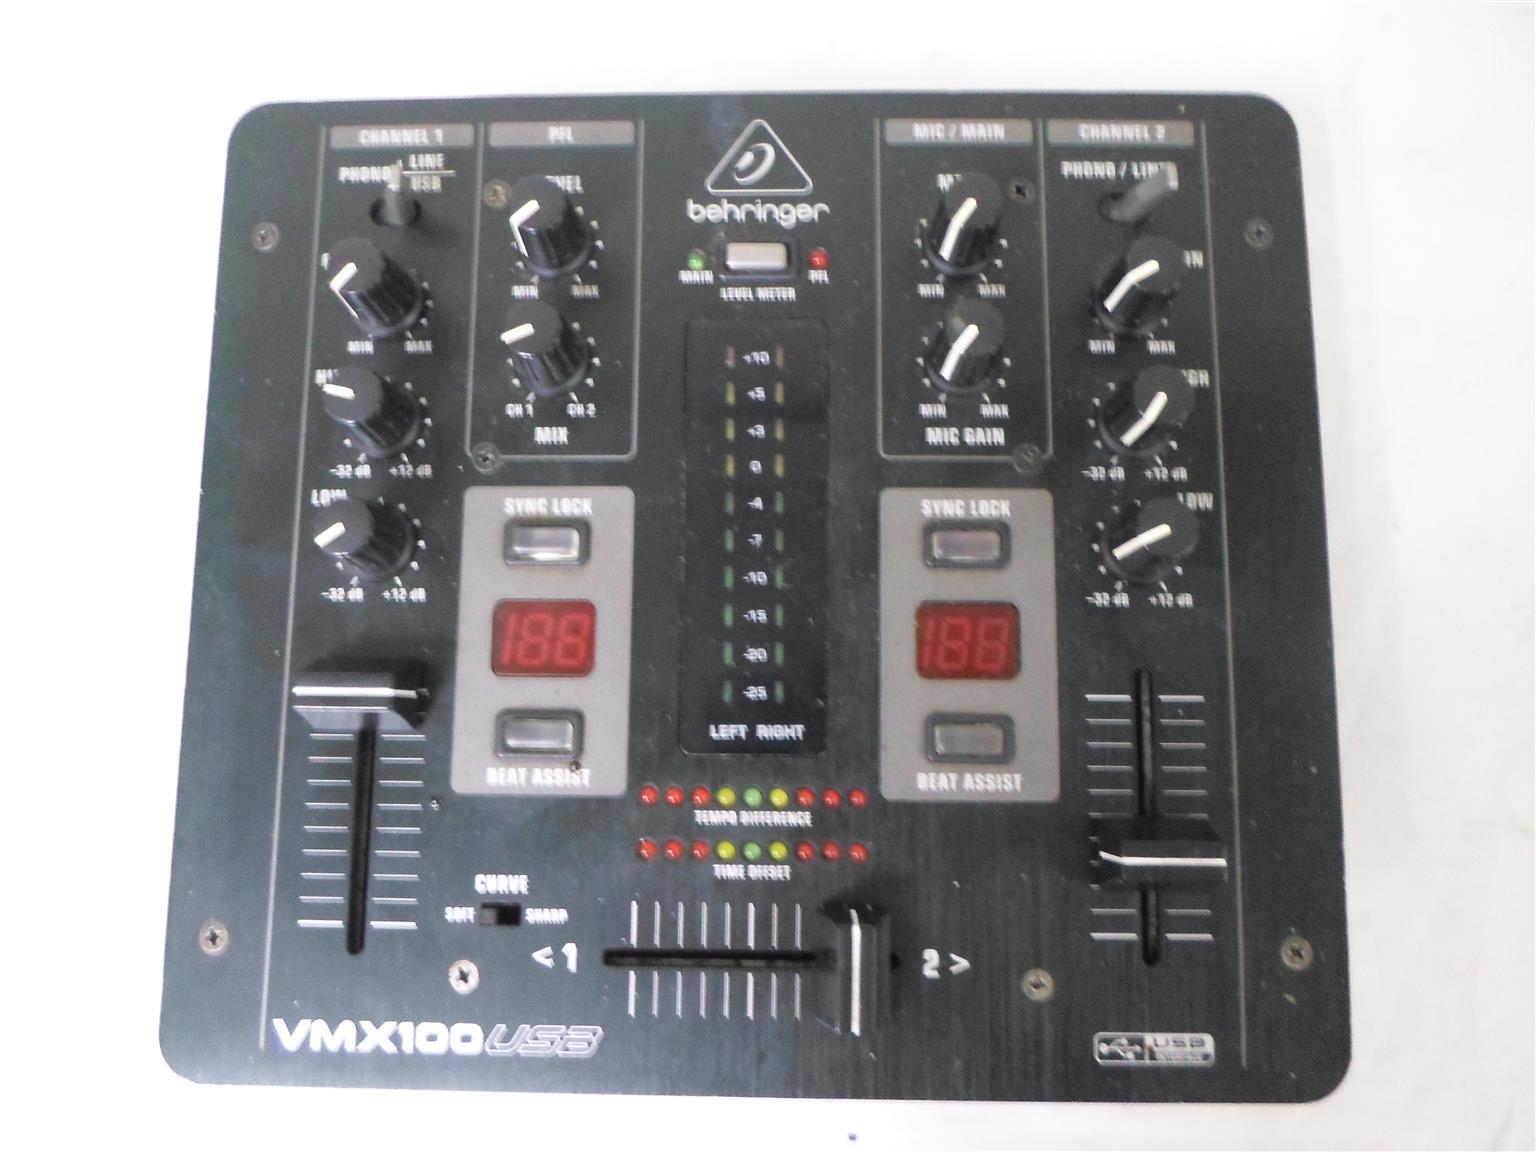 Mixer Behringer VMX100USB